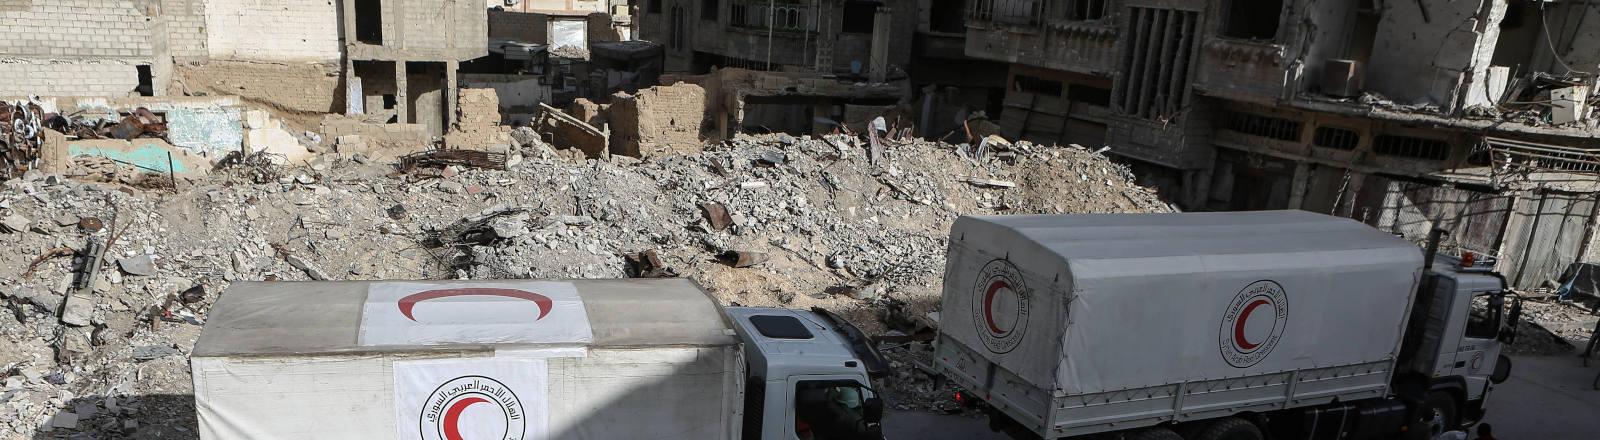 Hilfskonvoi in Syrien